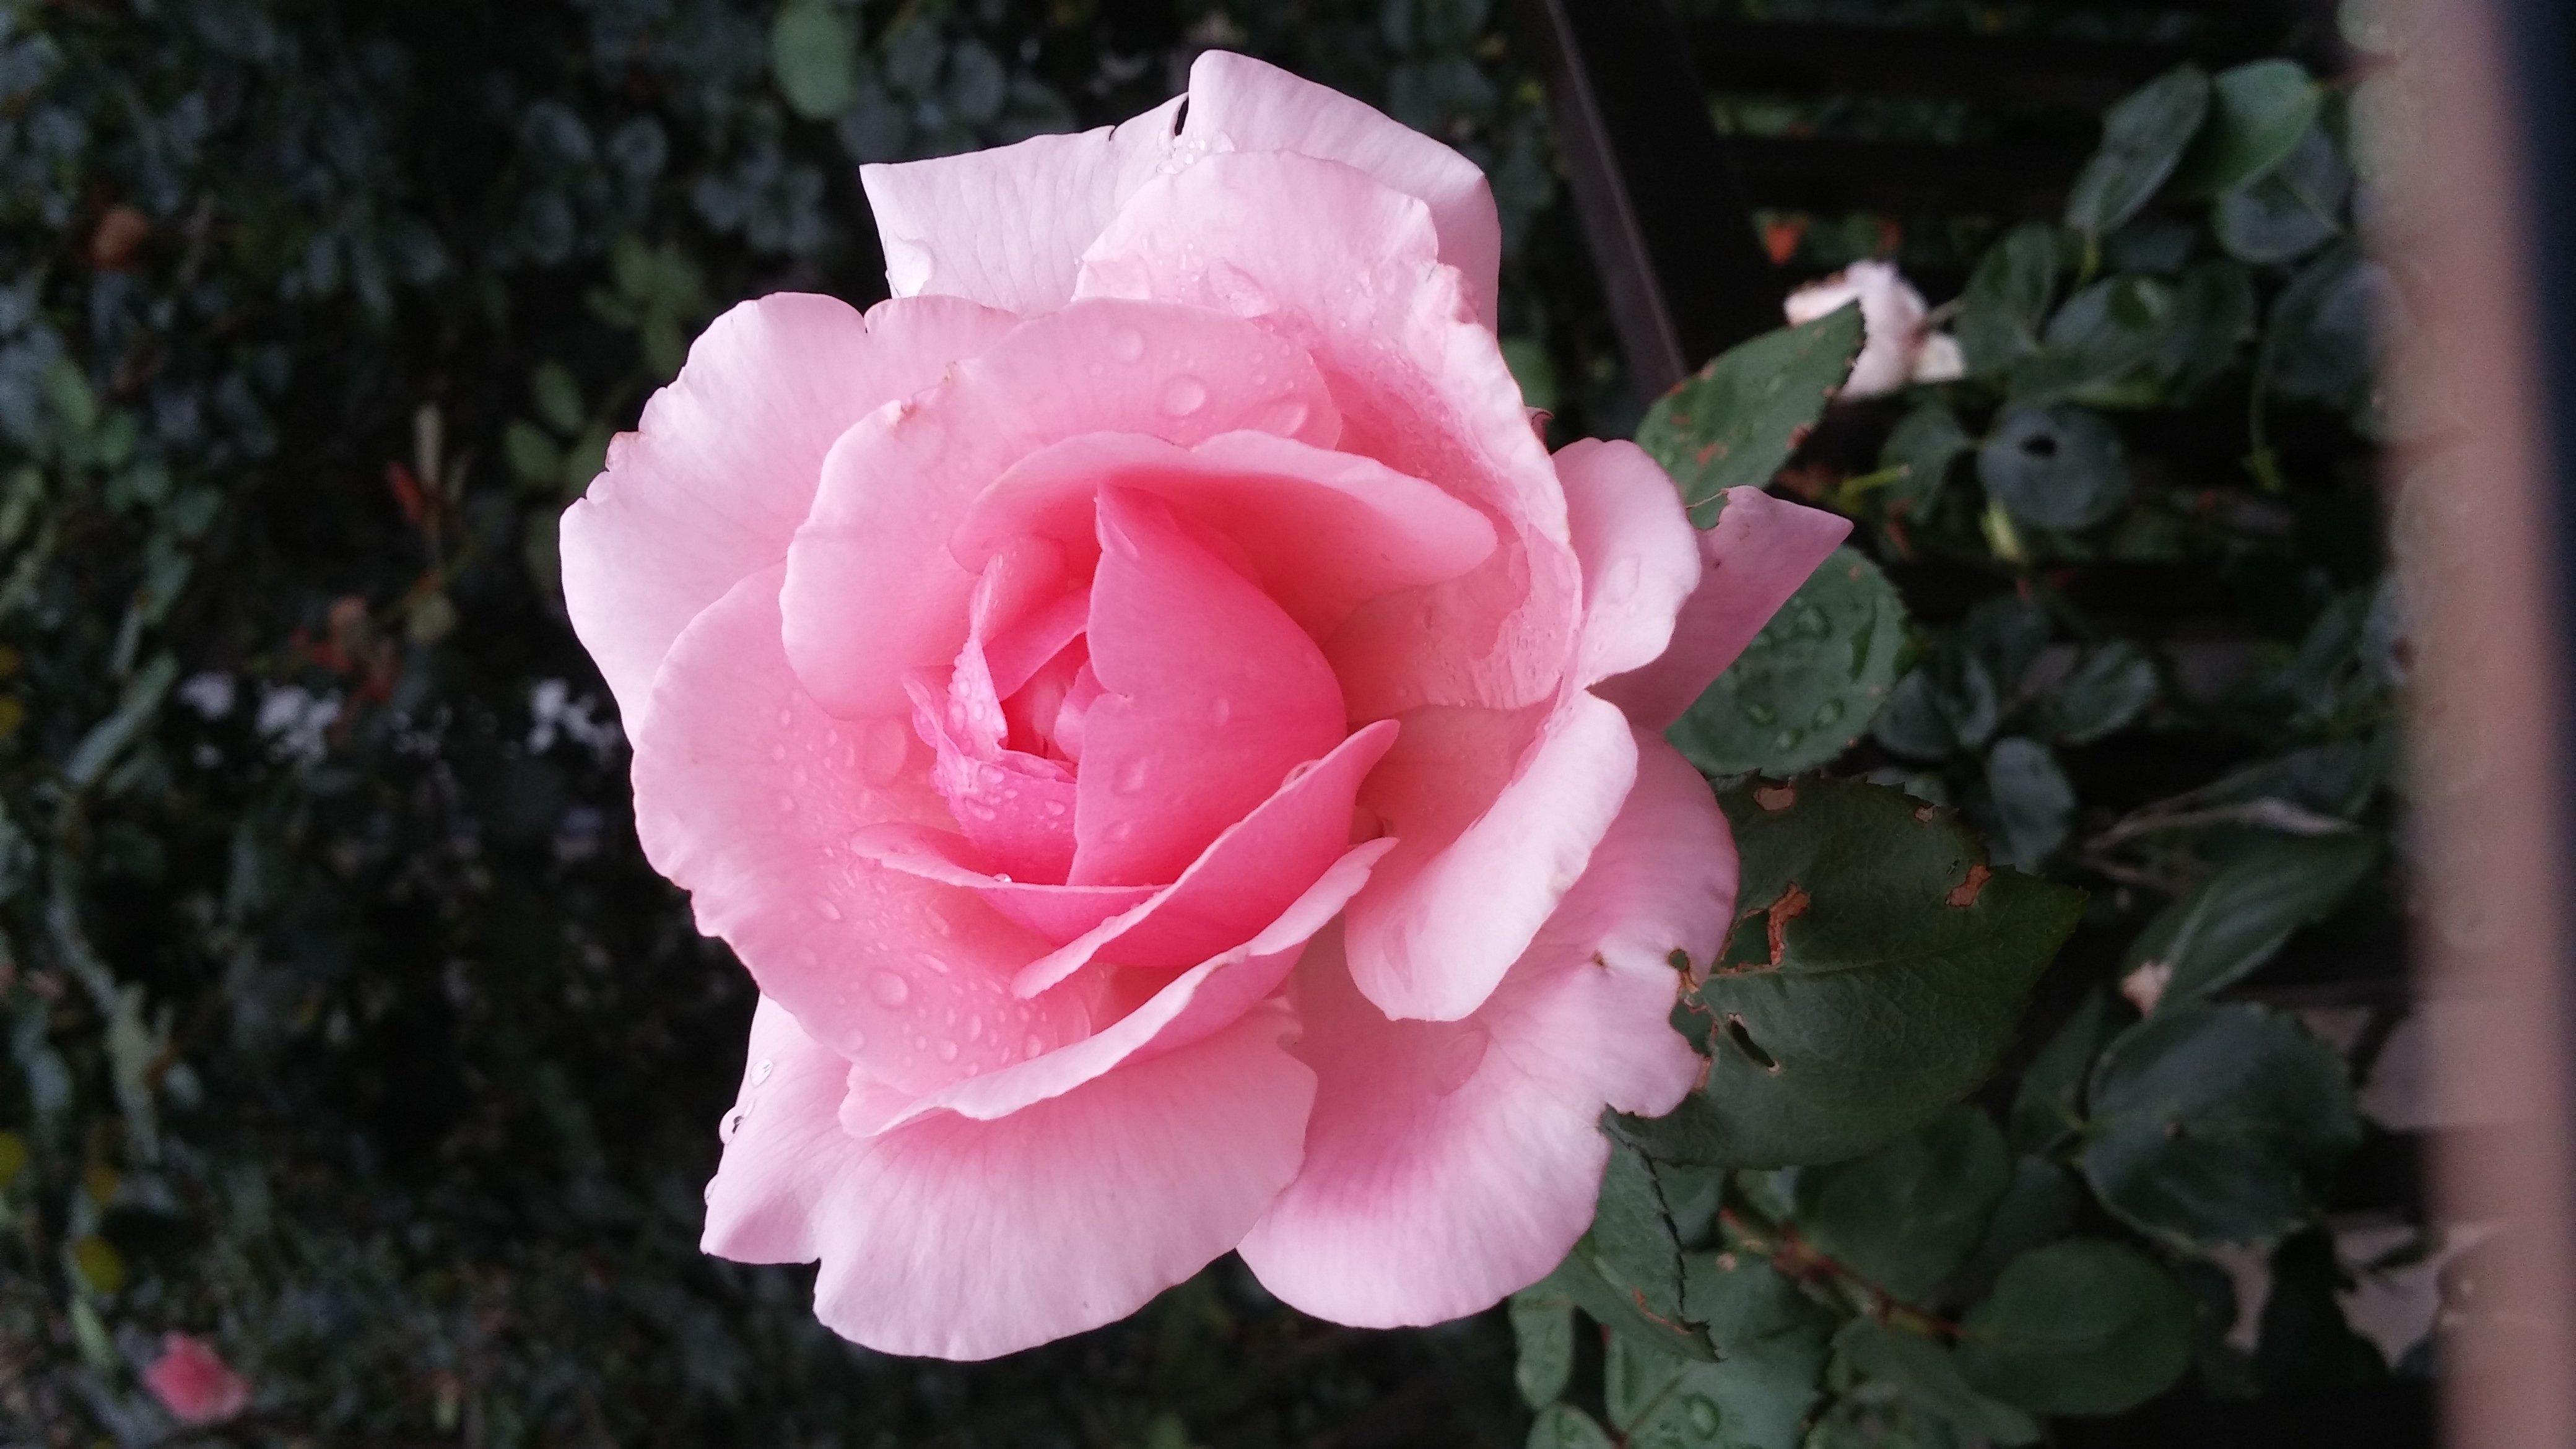 人妻さん日誌:部屋中を薔薇の花一色